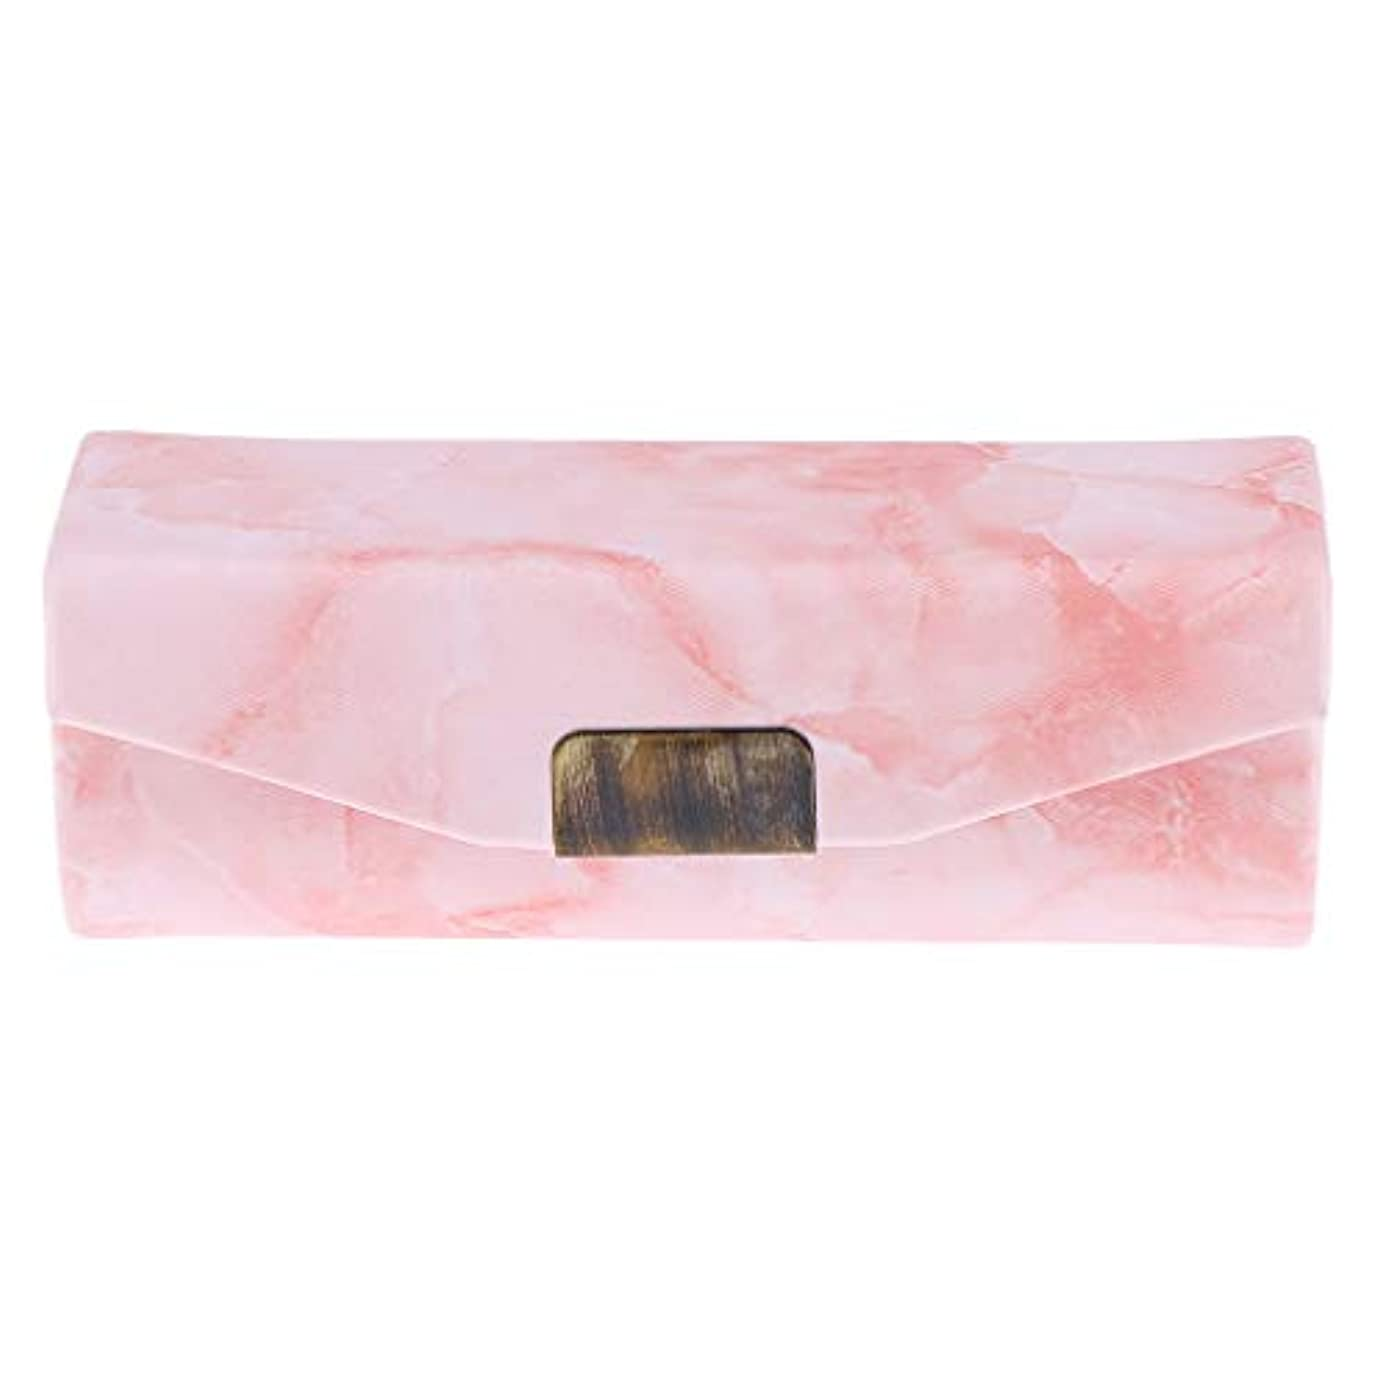 かどうか古代シュリンクリップスティックケース ミラー付き 口紅 コインケース 小物入り 実用的 6色選べ - オレンジピンク